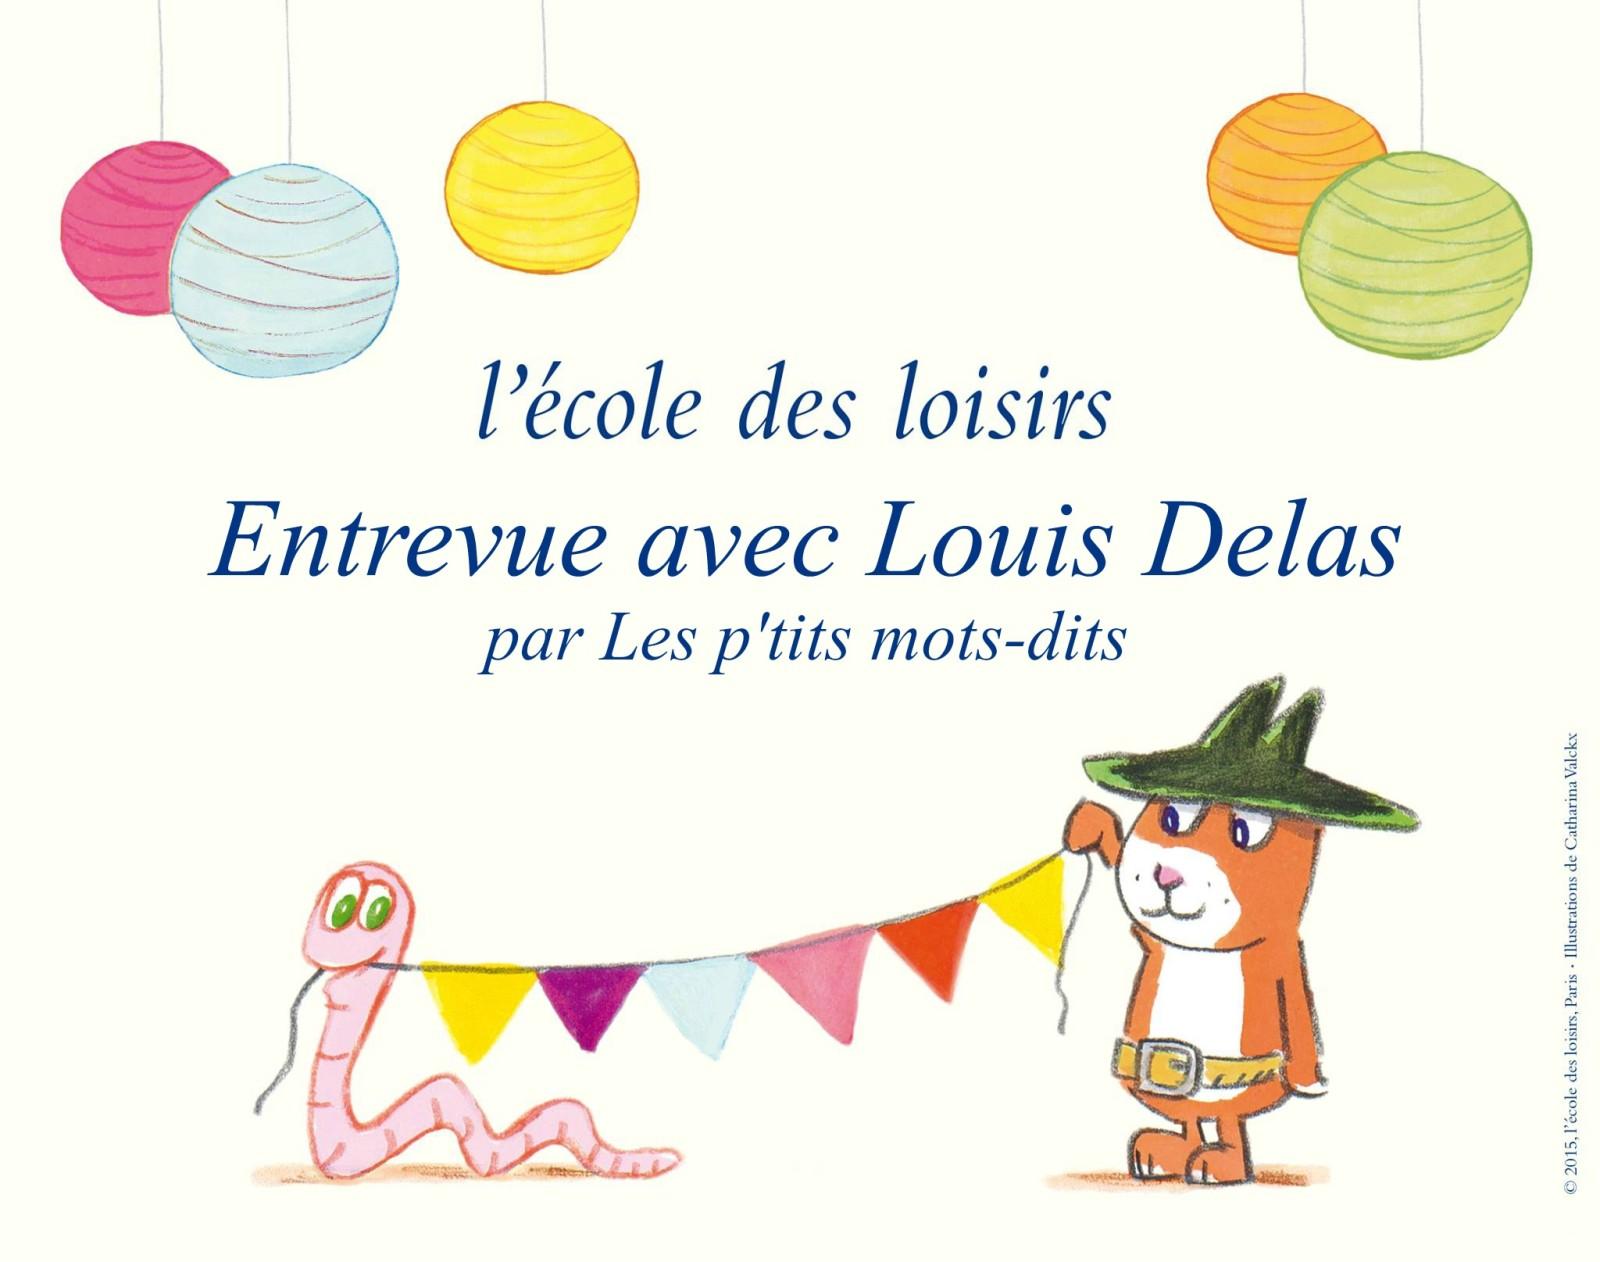 Entrevue avec Louis Delas, DG de l'école des loisirs